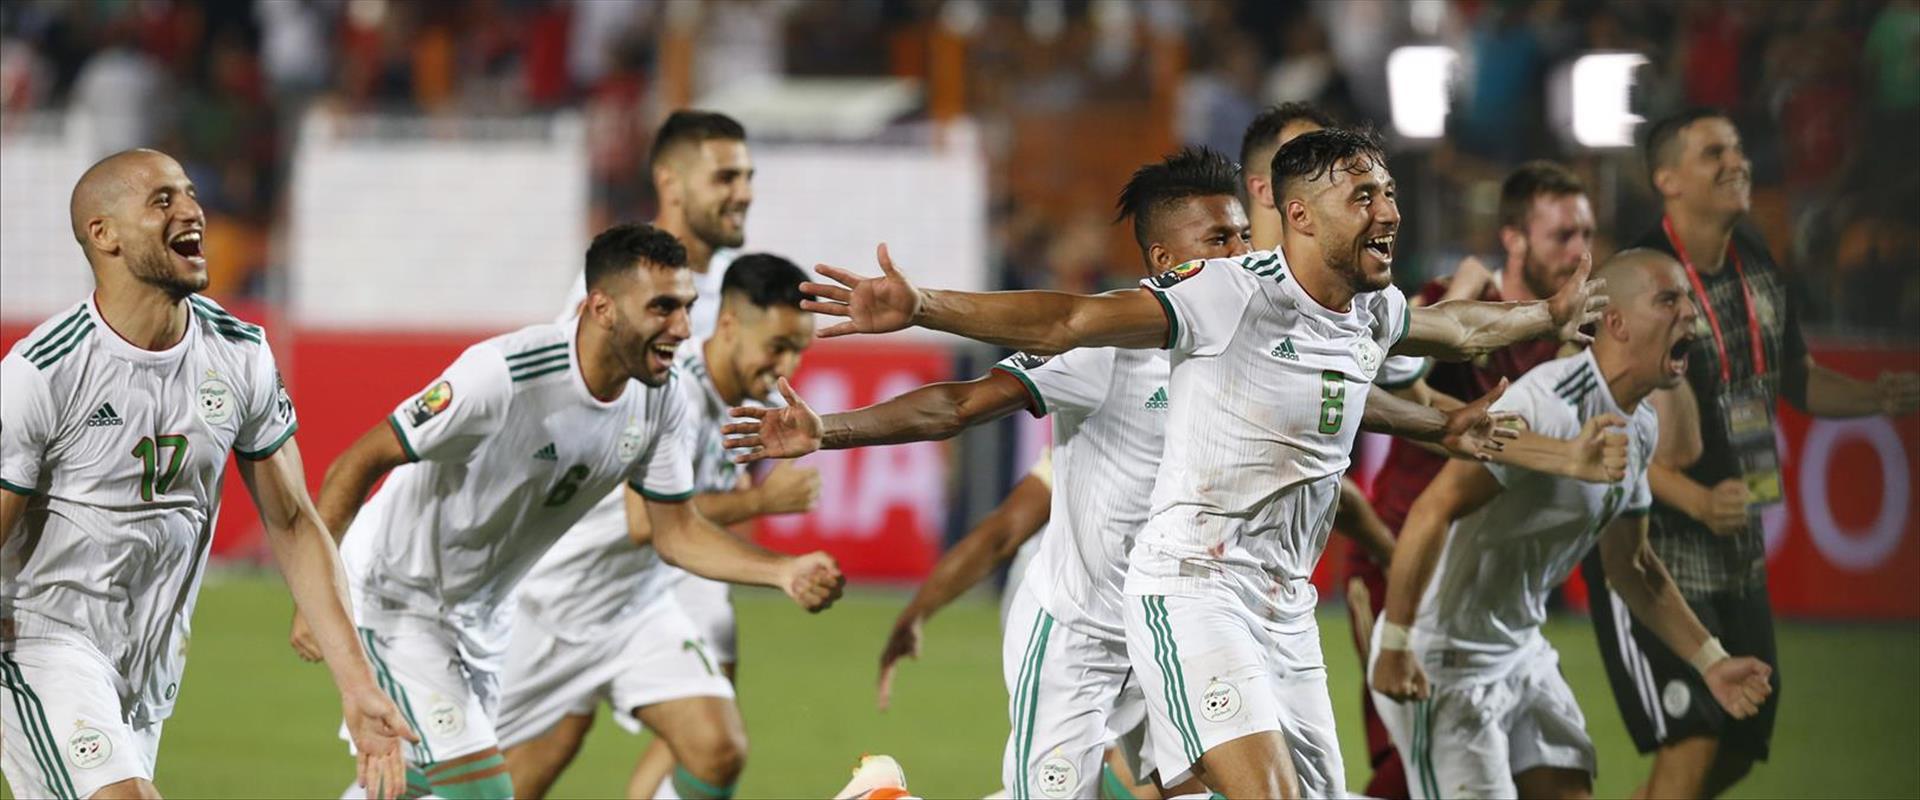 שחקני נבחרת אלג'יריה עם סיום המשחק